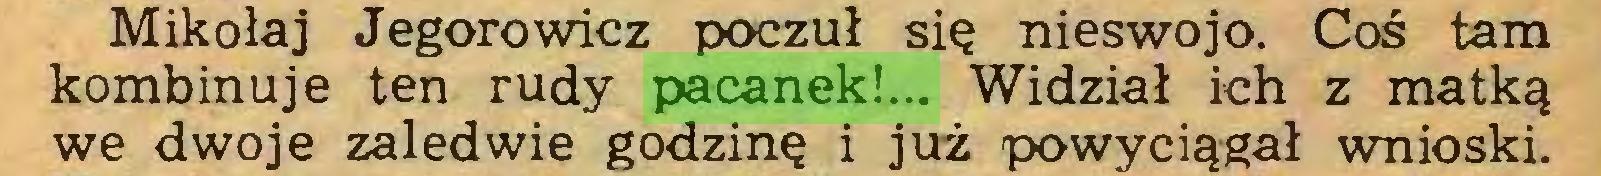 (...) Mikołaj Jegorowicz poczuł się nieswojo. Coś tam kombinuje ten rudy pacanek!... Widział ich z matką we dwoje zaledwie godzinę i już powyciągał wnioski...